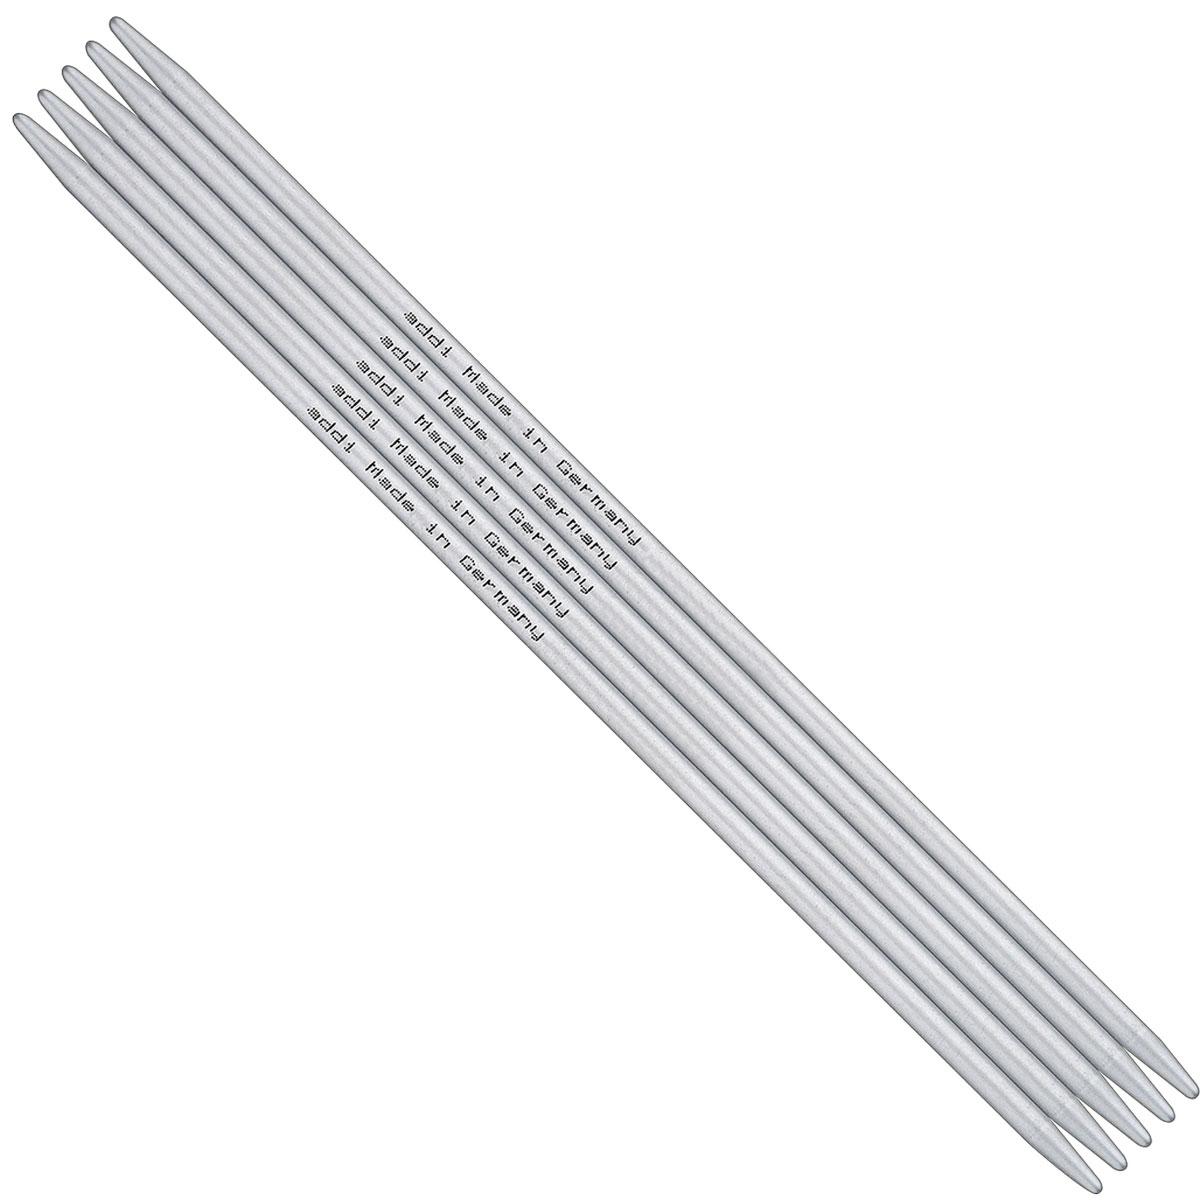 ADDI Спицы, чулочные, алюминий, №4,5, 20 см, 5 шт в блистере201-7/4.5-20Солидные и легкие чулочные спицы из высококачественного алюминия addi обладают прекрасными тактильными качествами и благородным серебристо-матовым цветом. Уникальный стук при вязании радует слух. За счет гладкой поверхности работать с ними легко и удобно. На саму спицу, как и на других артикулах, нанесен размер, длина и знаменитое Made in Germany.